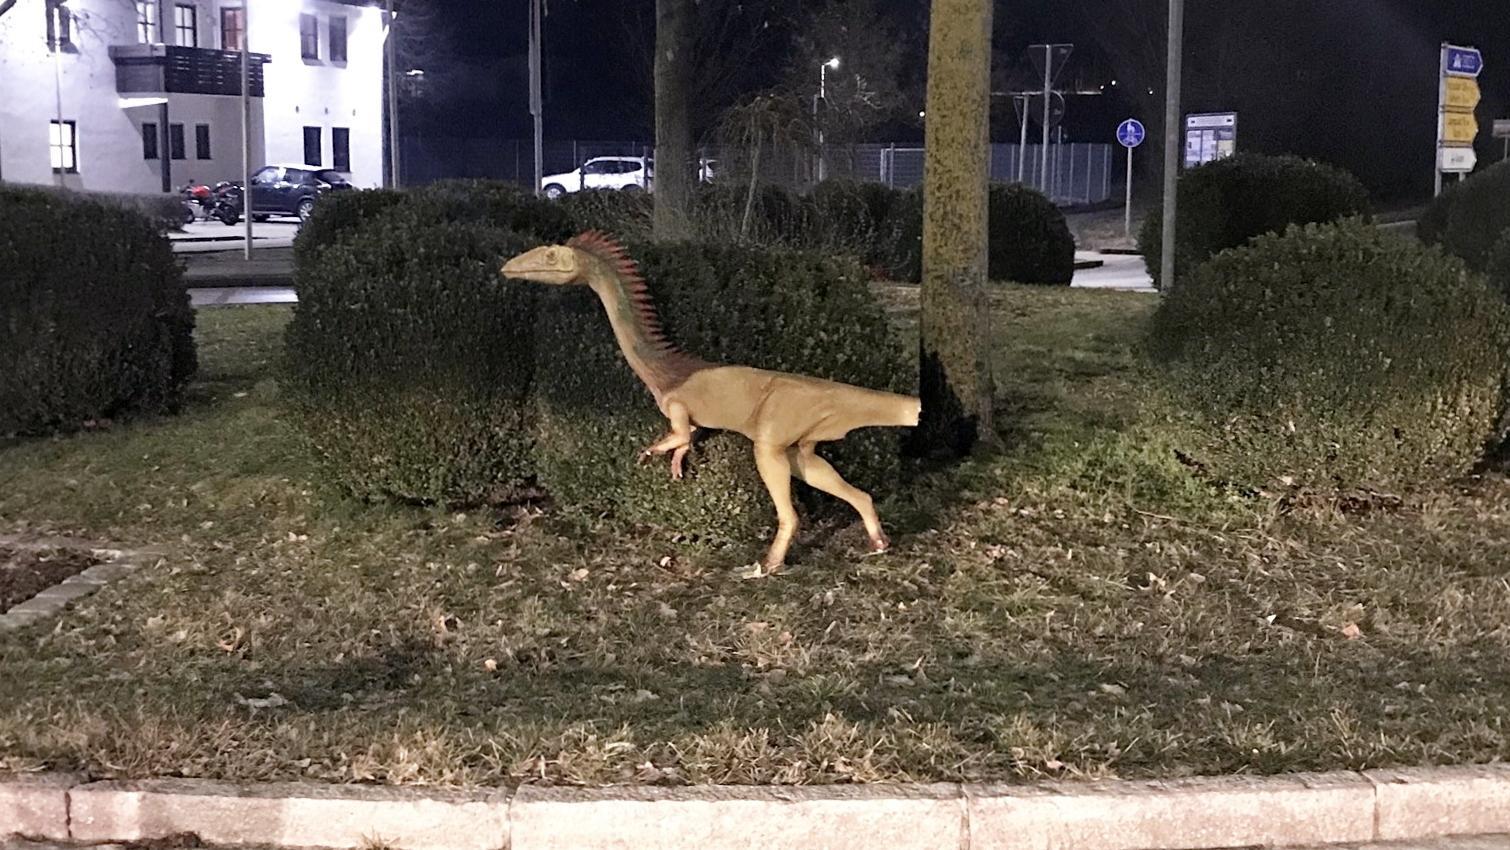 Das am Schwanz beschädigte Modell eines Dinosauriers steht an einem Kreisverkehr im Landkreis Kelheim.